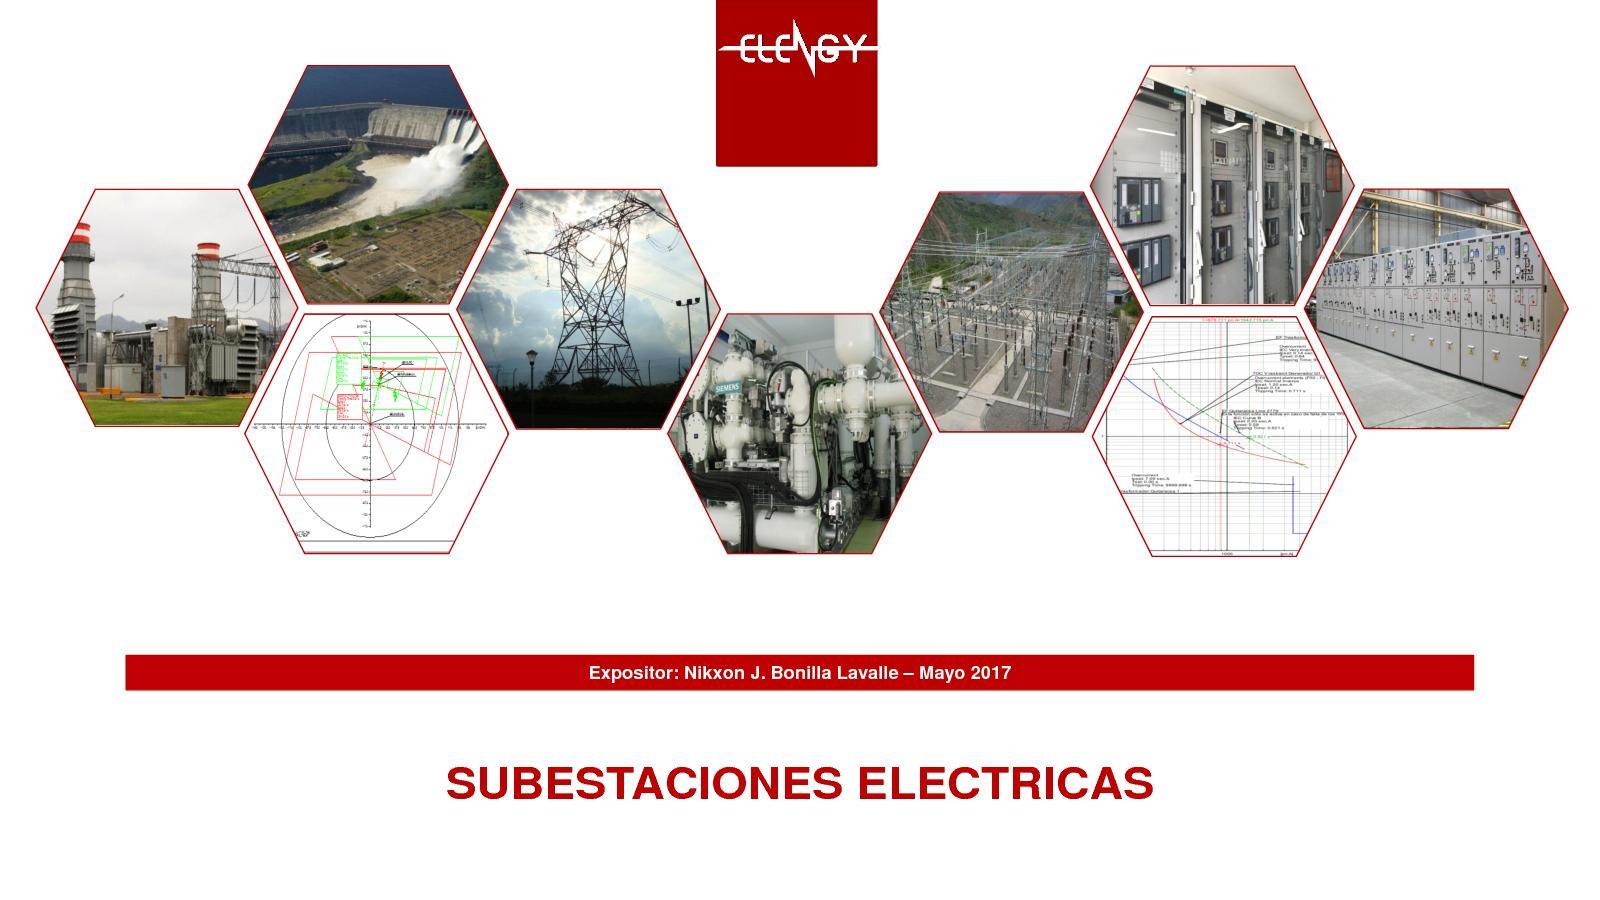 PRUEBA - Subestaciones